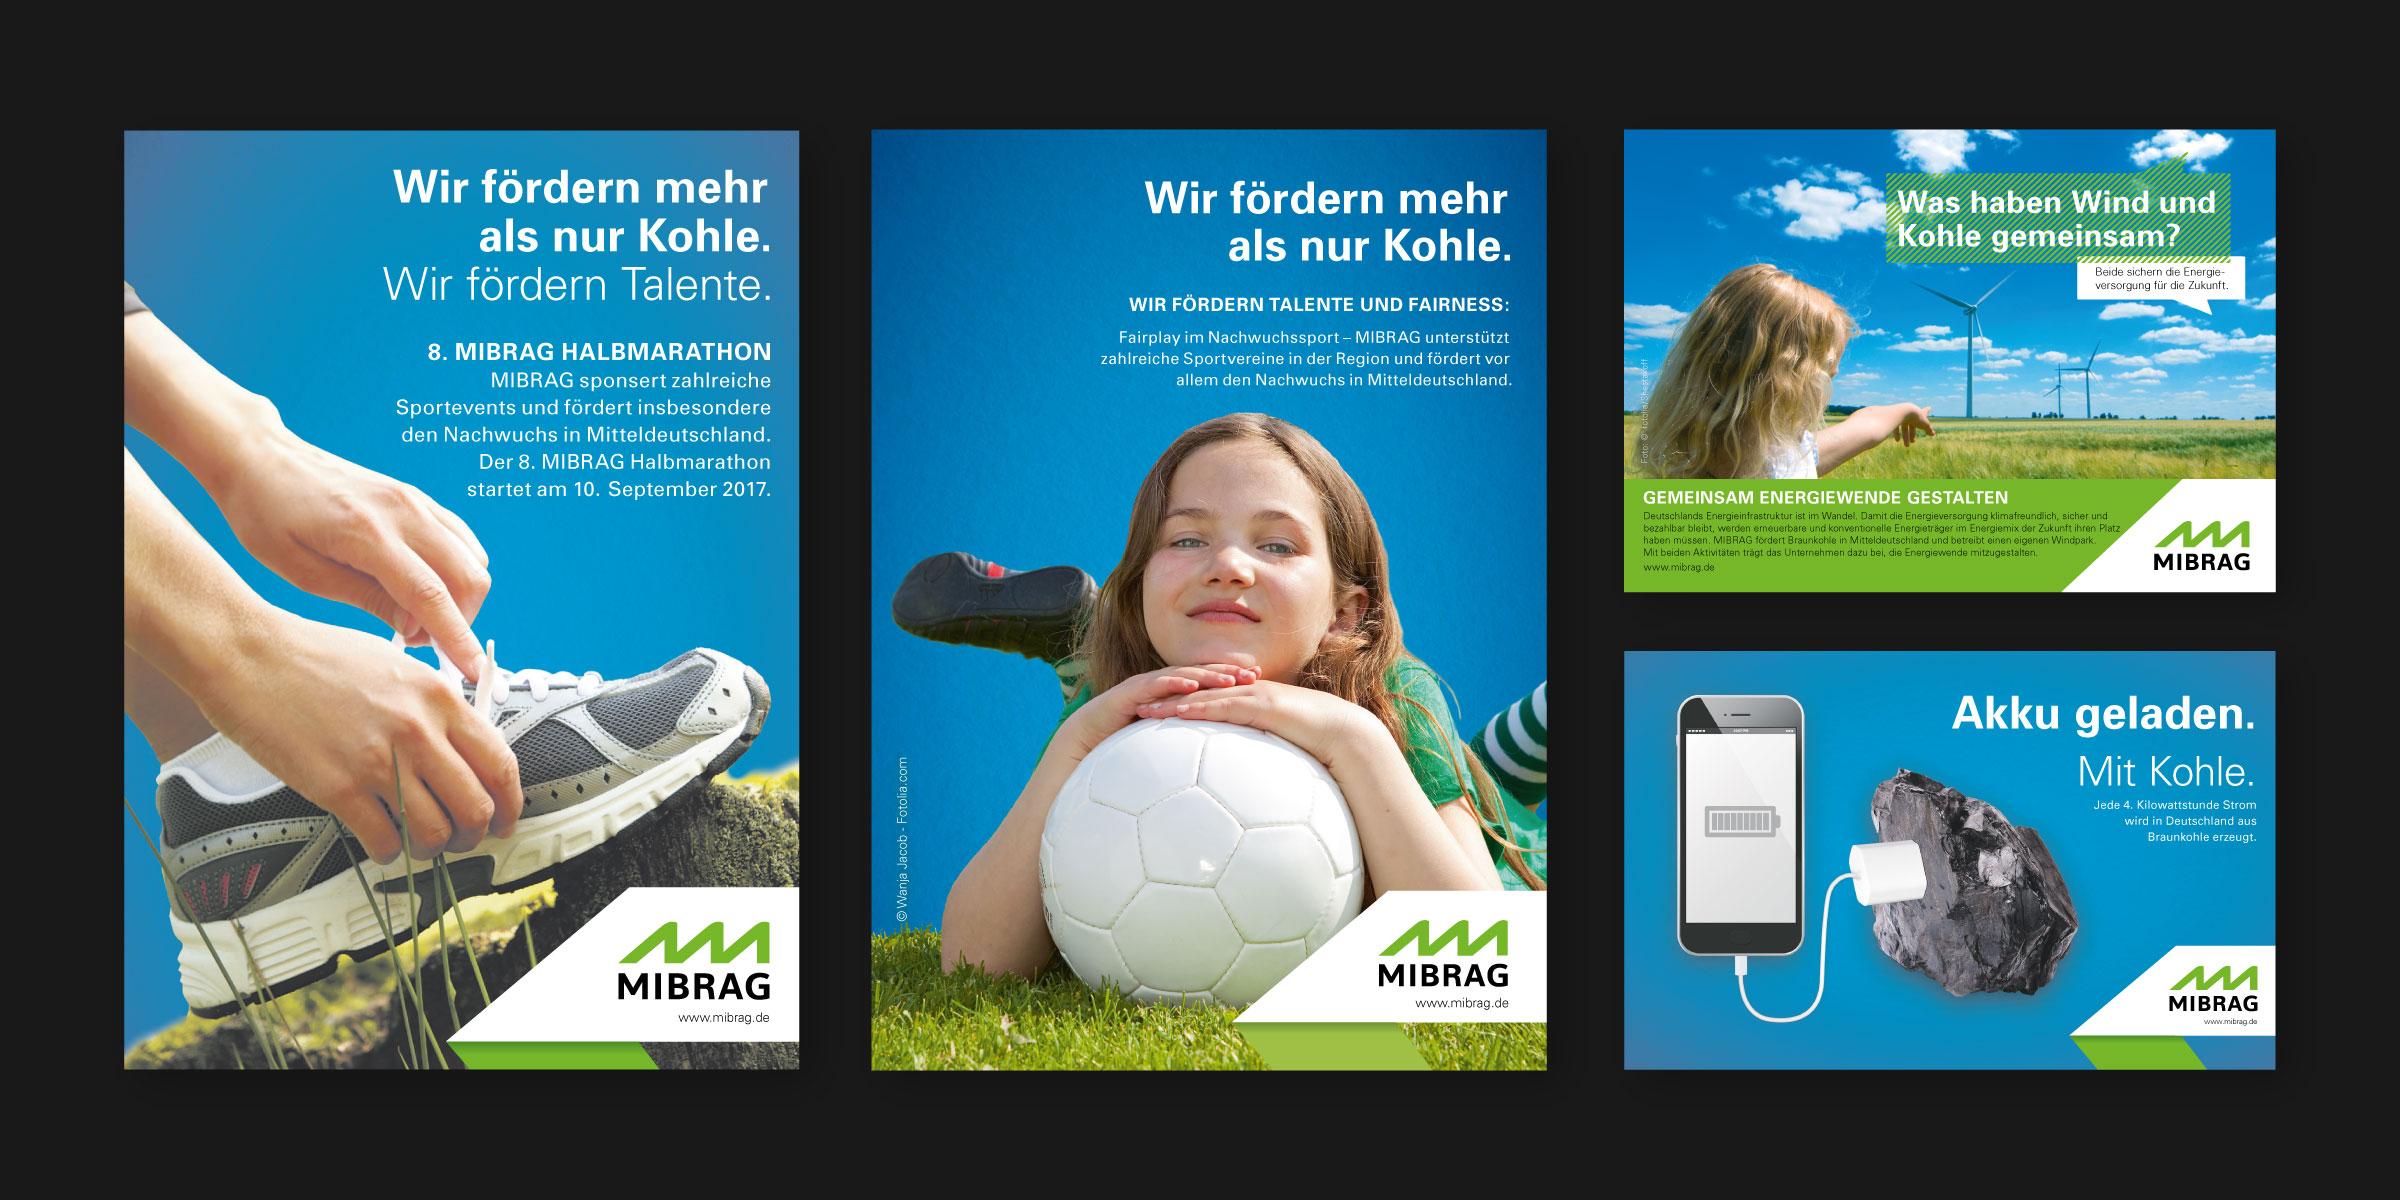 MIBRAG: verschiedene Werbemotive